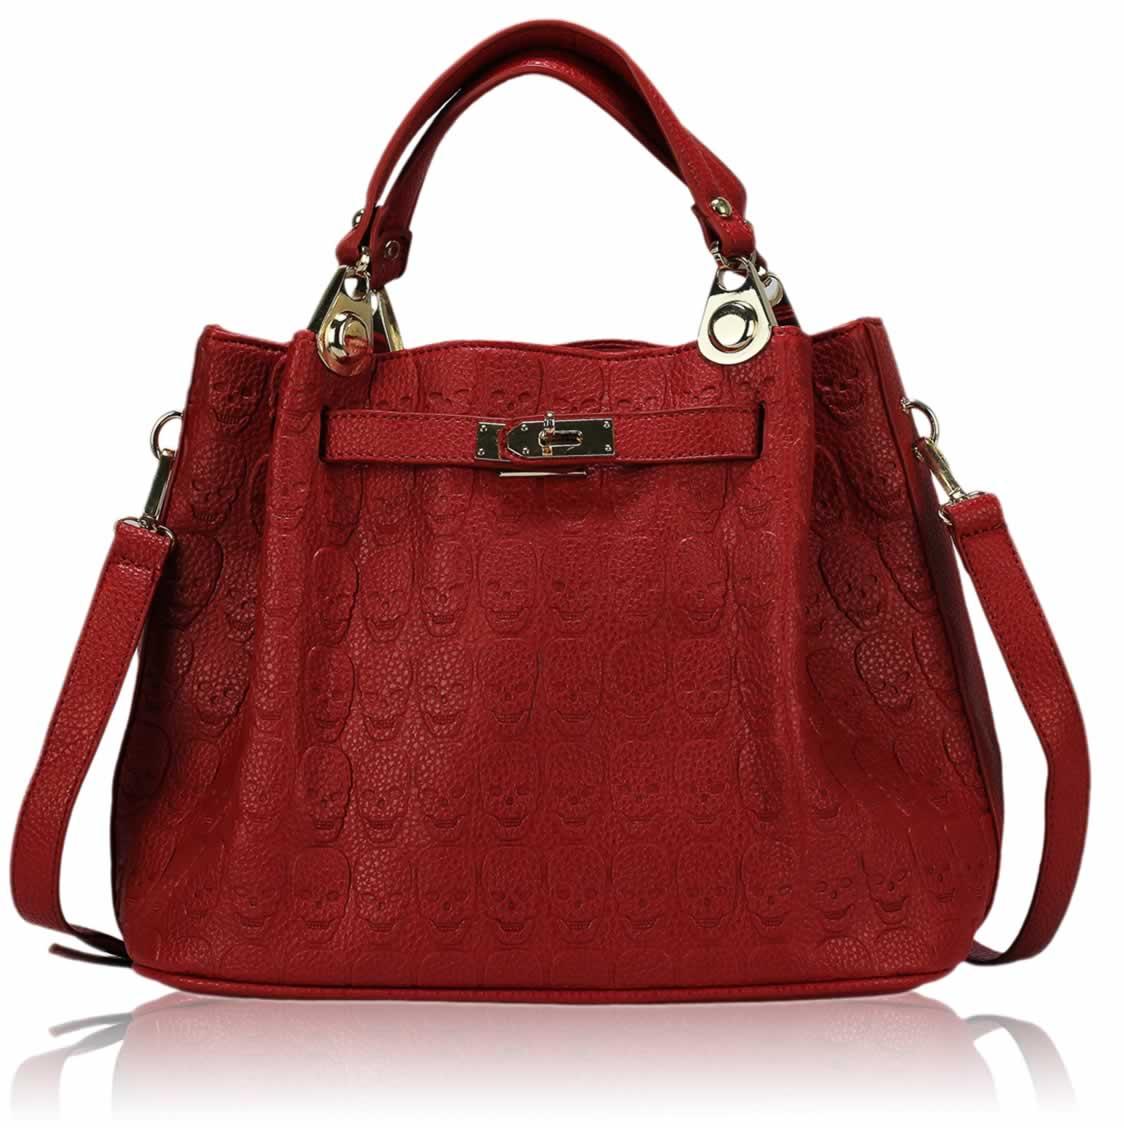 Red Over The Shoulder Bag – Shoulder Travel Bag